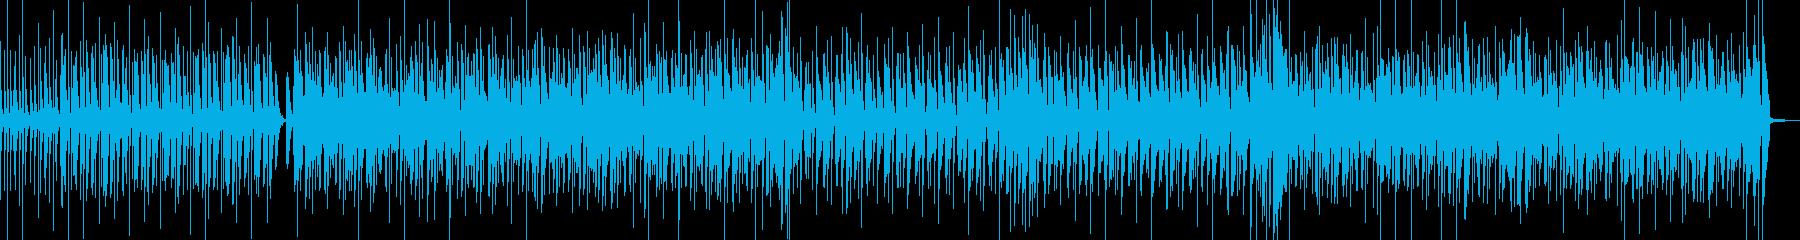 ストリングスとヒップホップビートを合わ…の再生済みの波形